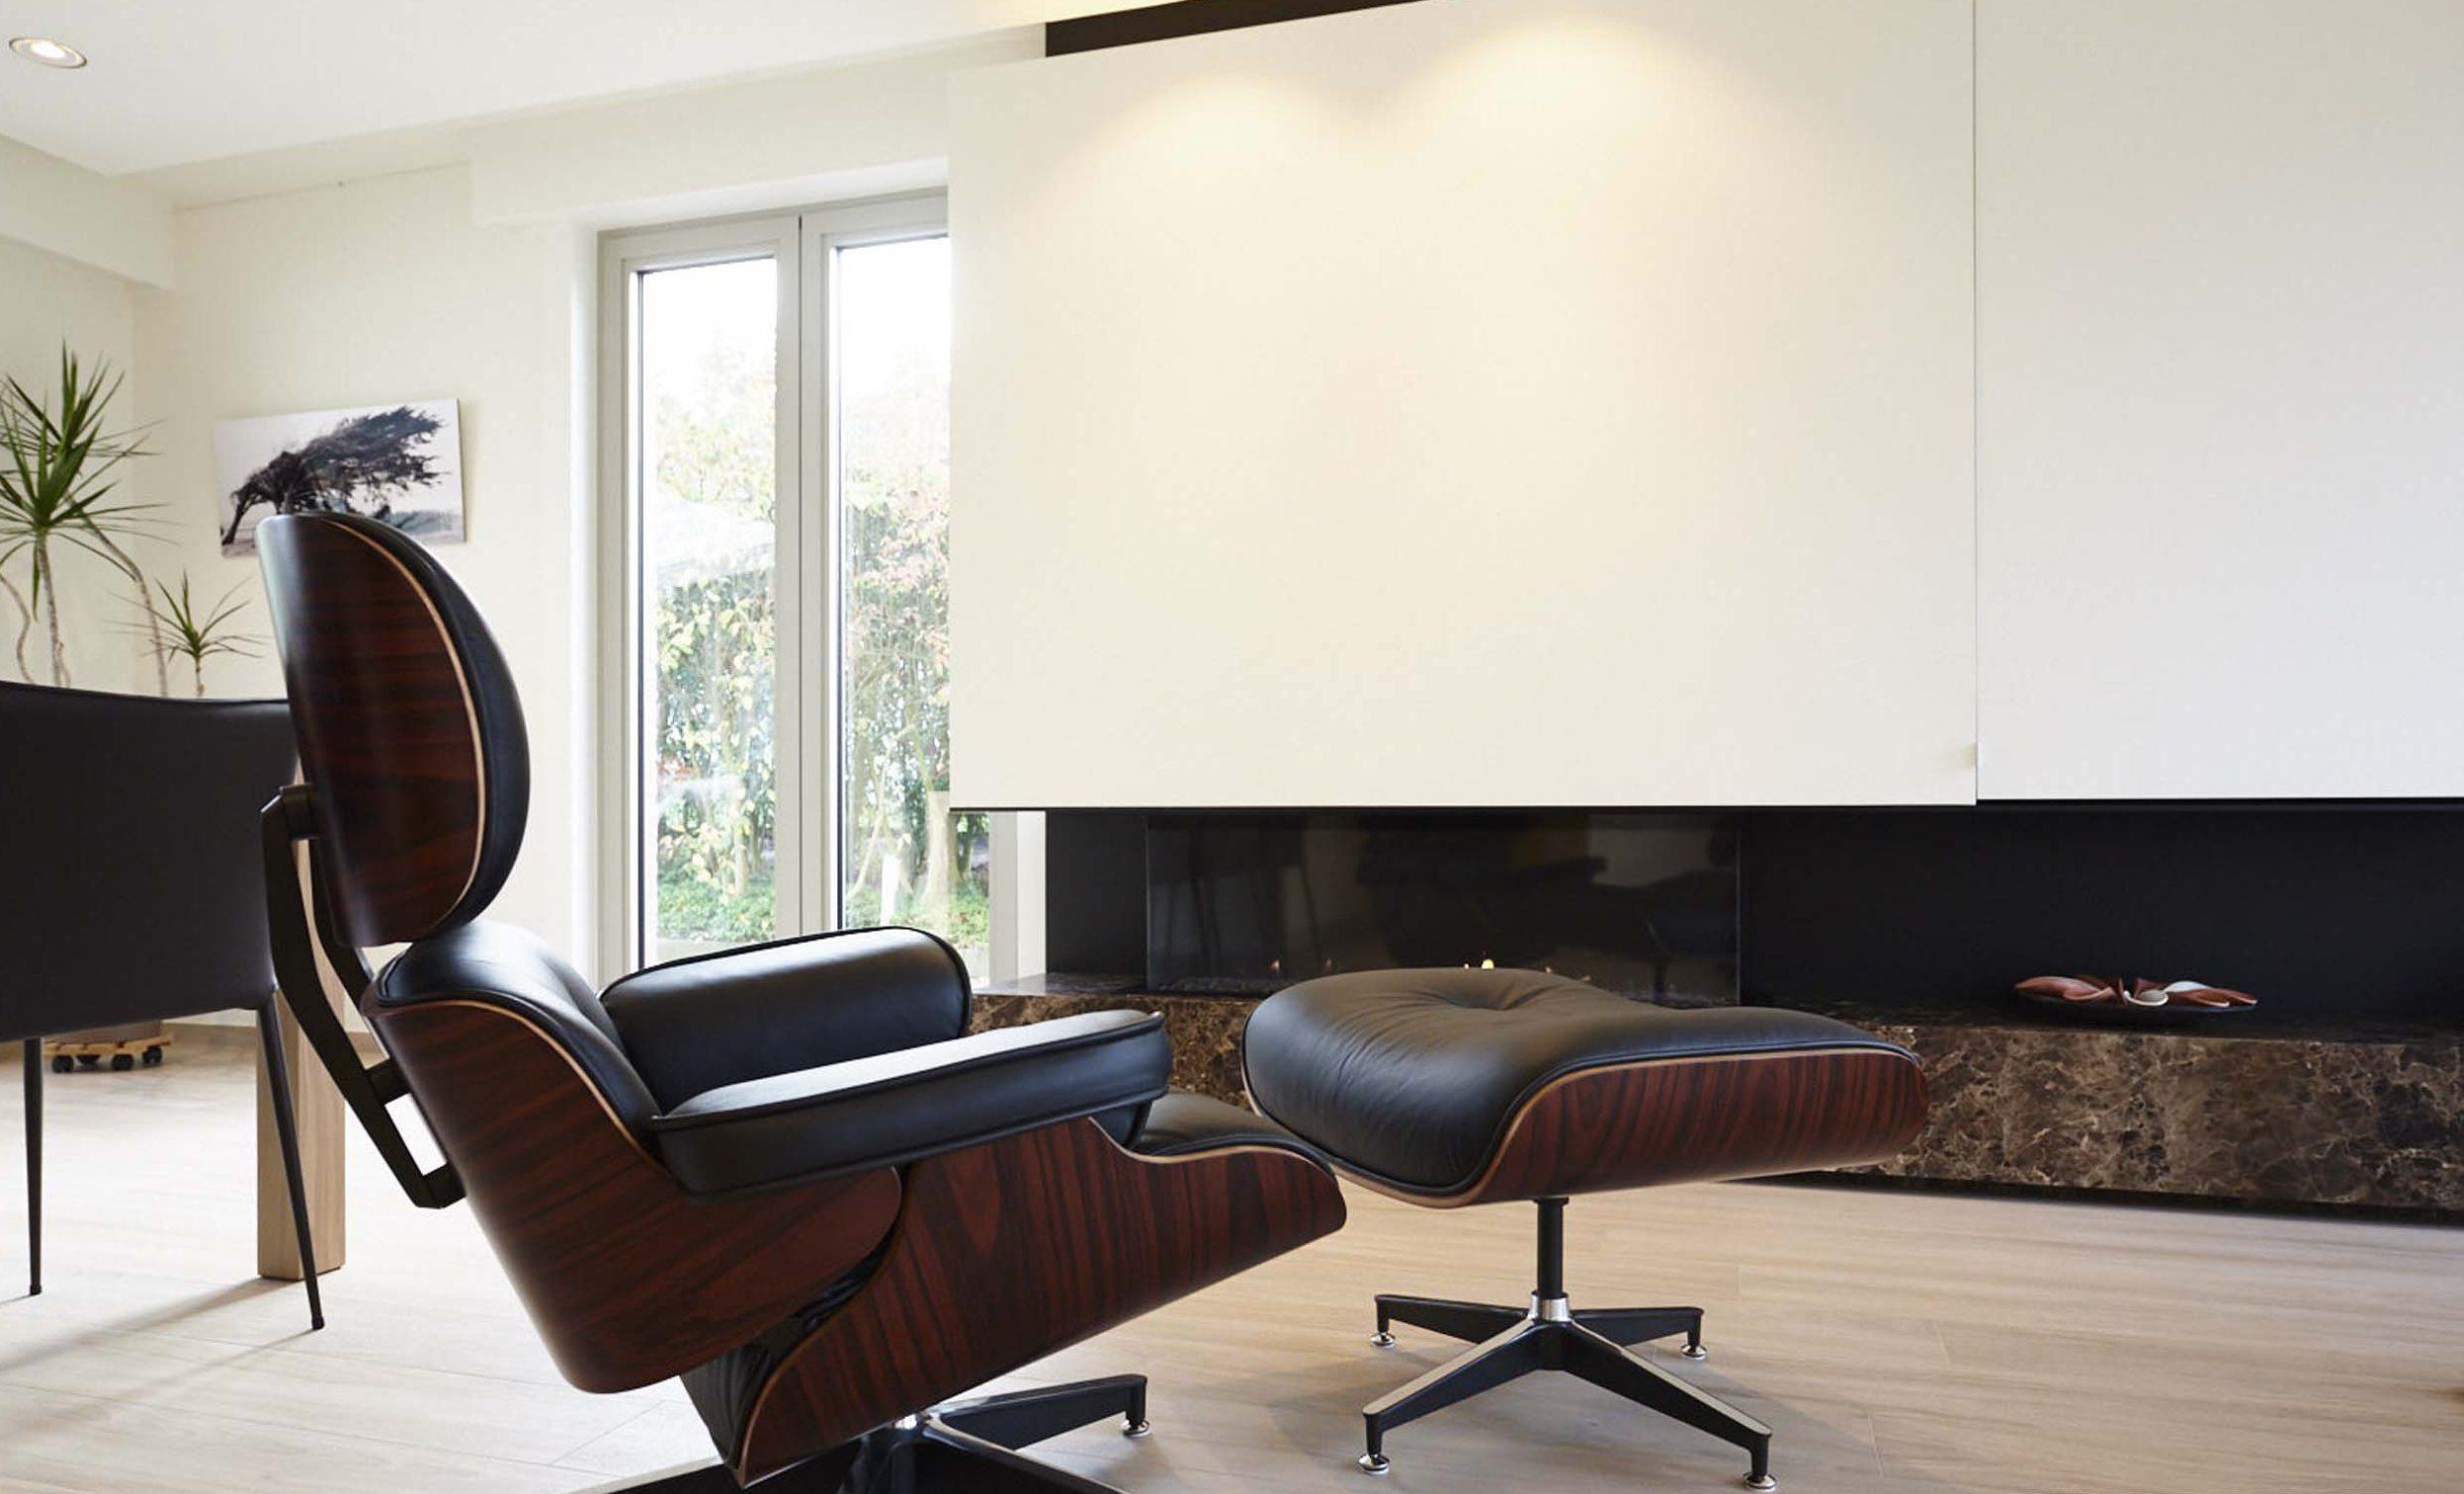 Vanda-projects-interieurinrichting-meubelmakerij-oost-vlaanderen-verstraete-tielt-woonkamer-stoel